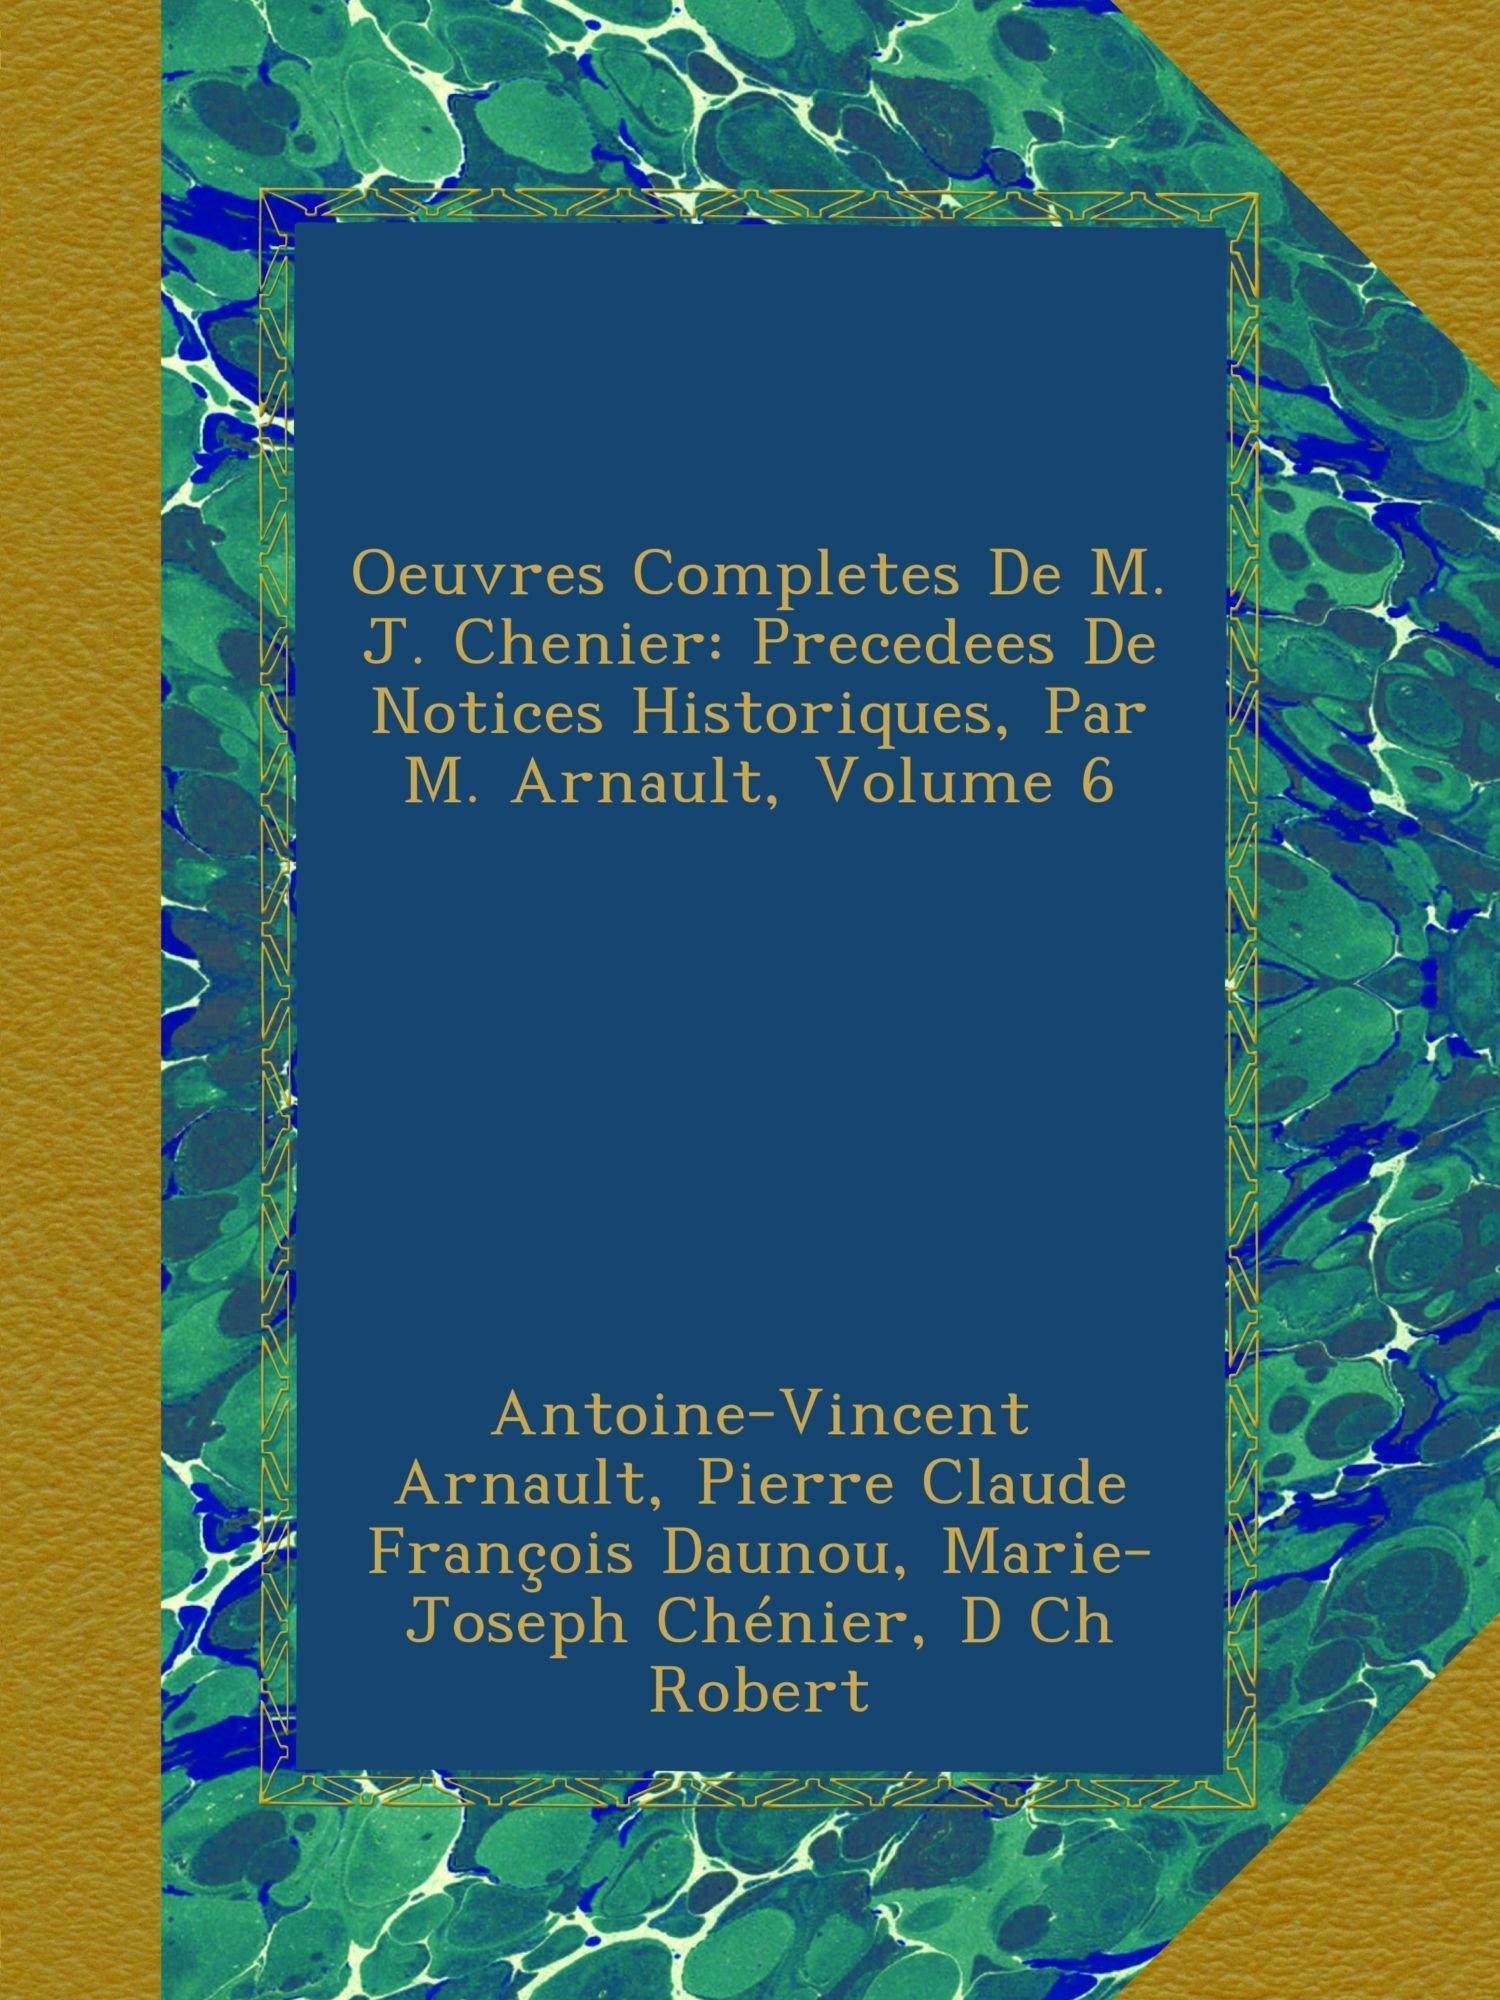 Oeuvres Completes De M. J. Chenier: Precedees De Notices Historiques, Par M. Arnault, Volume 6 (French Edition) PDF